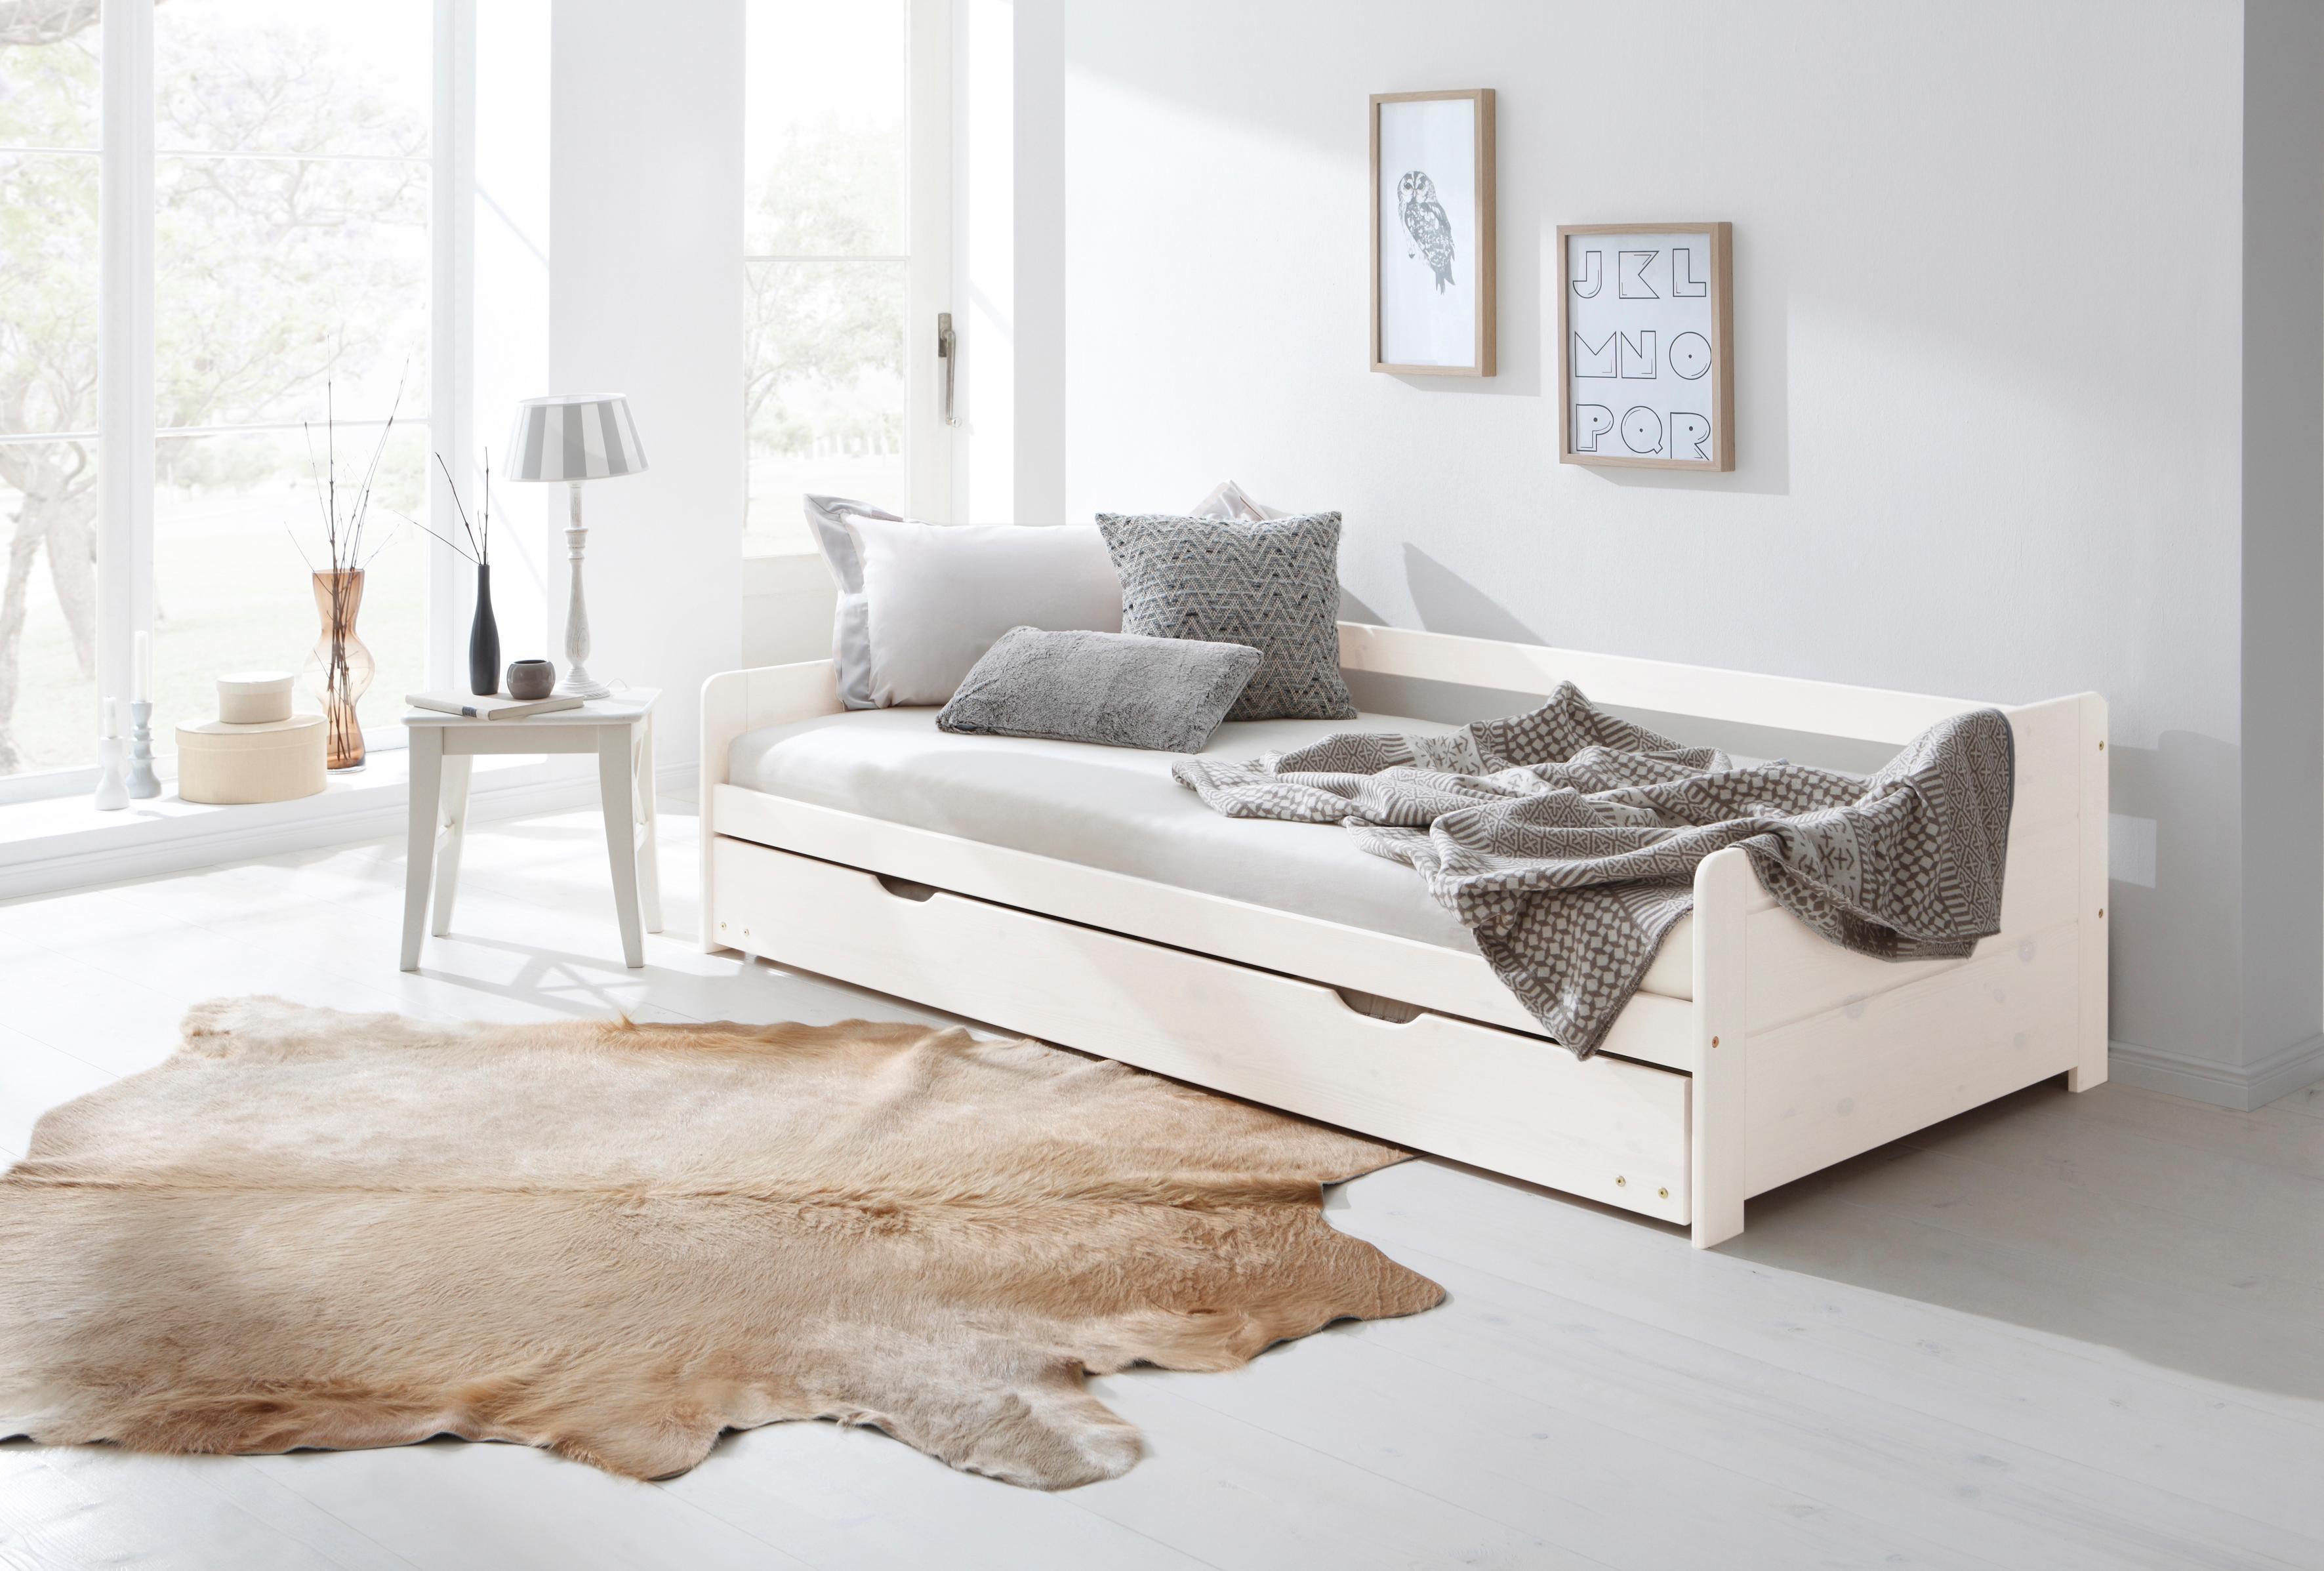 Home affaire Bett »Tim«, mit ausziehbarer Schublade für Zweitmatratze als Gästebett   Schlafzimmer > Betten > Gästebetten   Weiß   HOME AFFAIRE